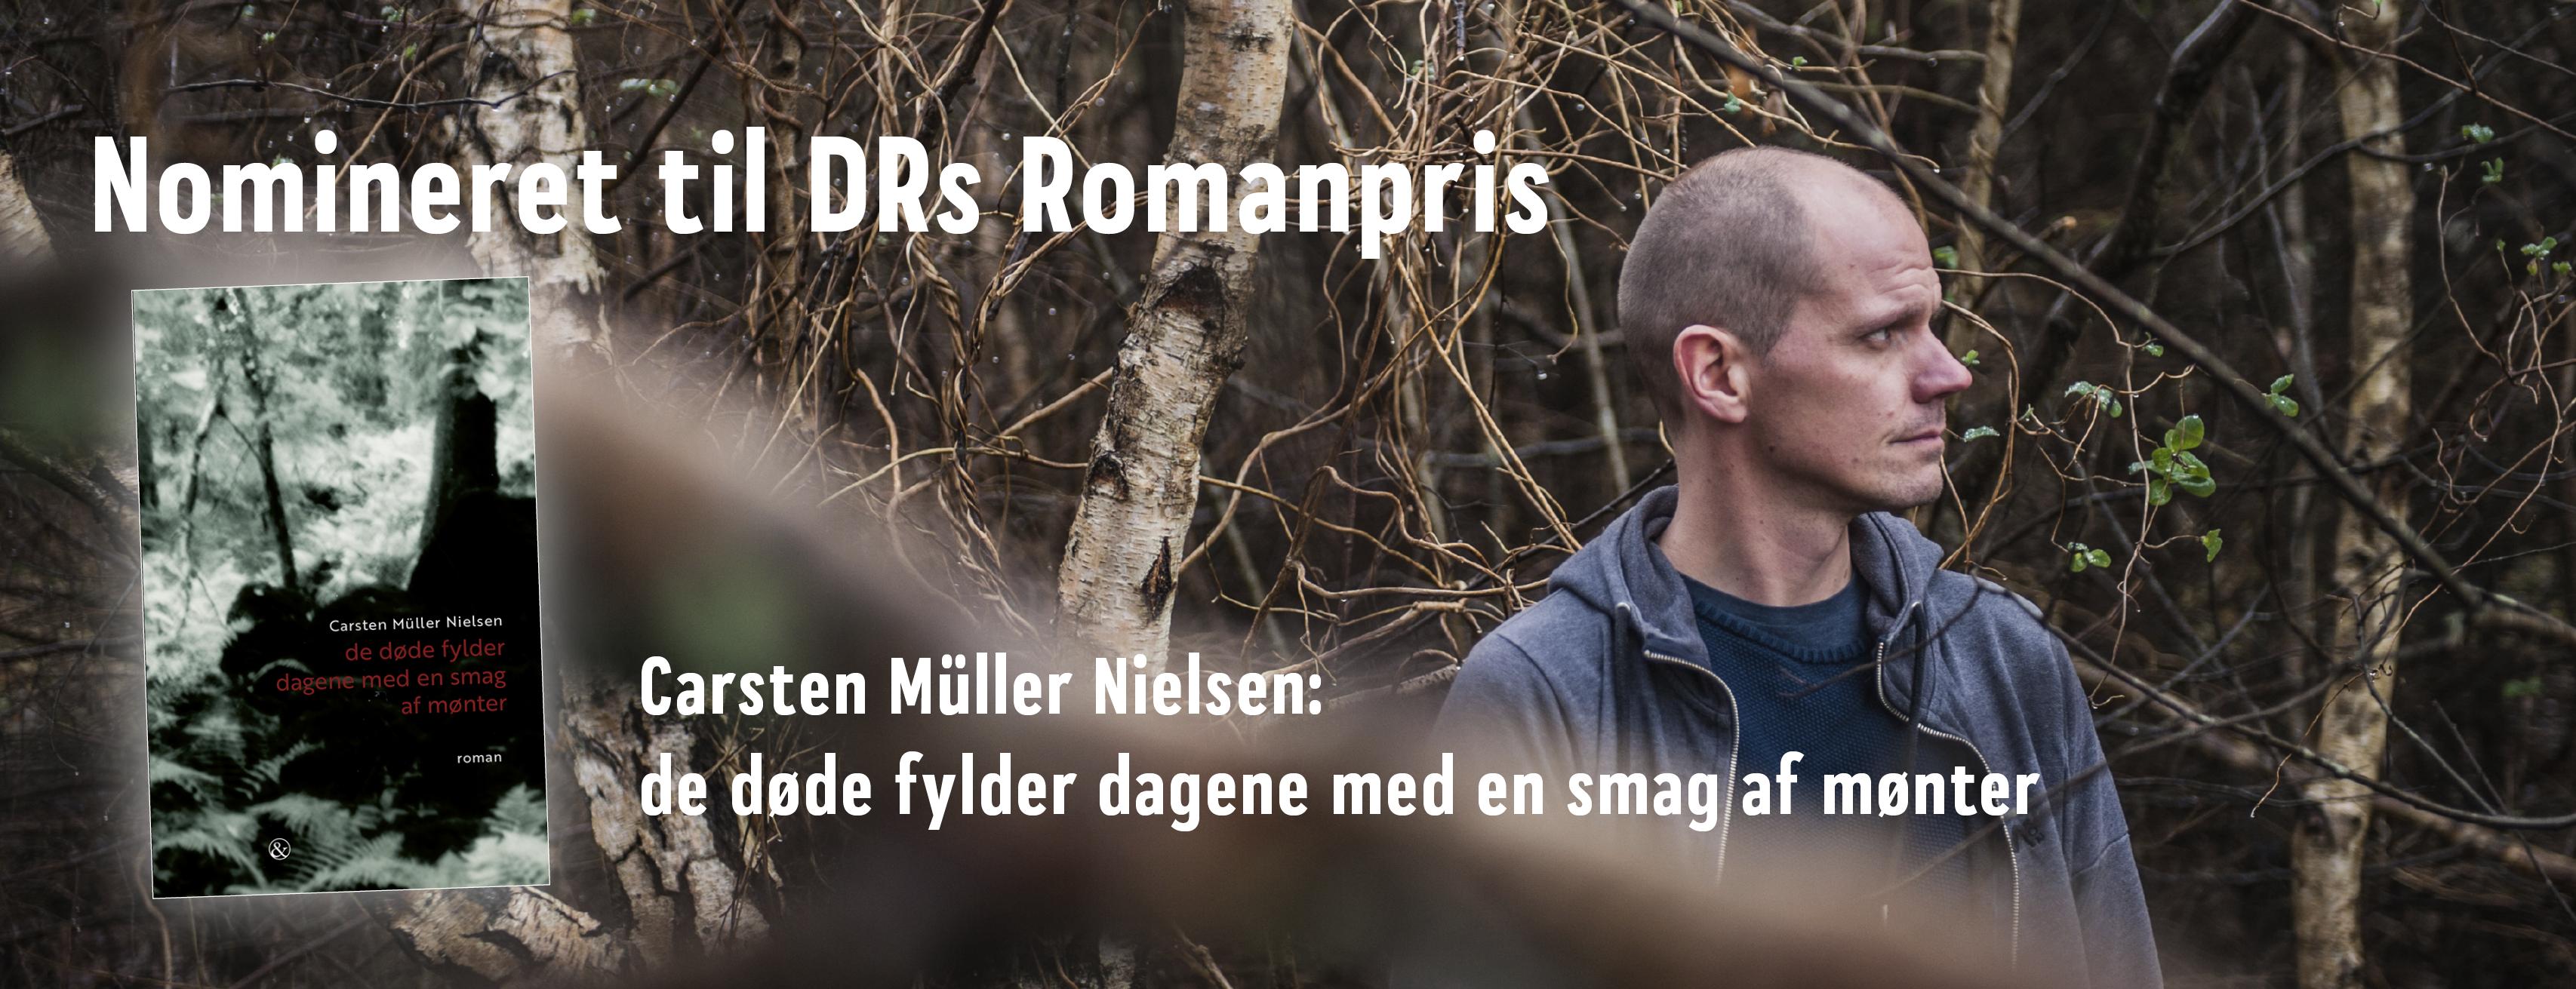 DRs Romanpris